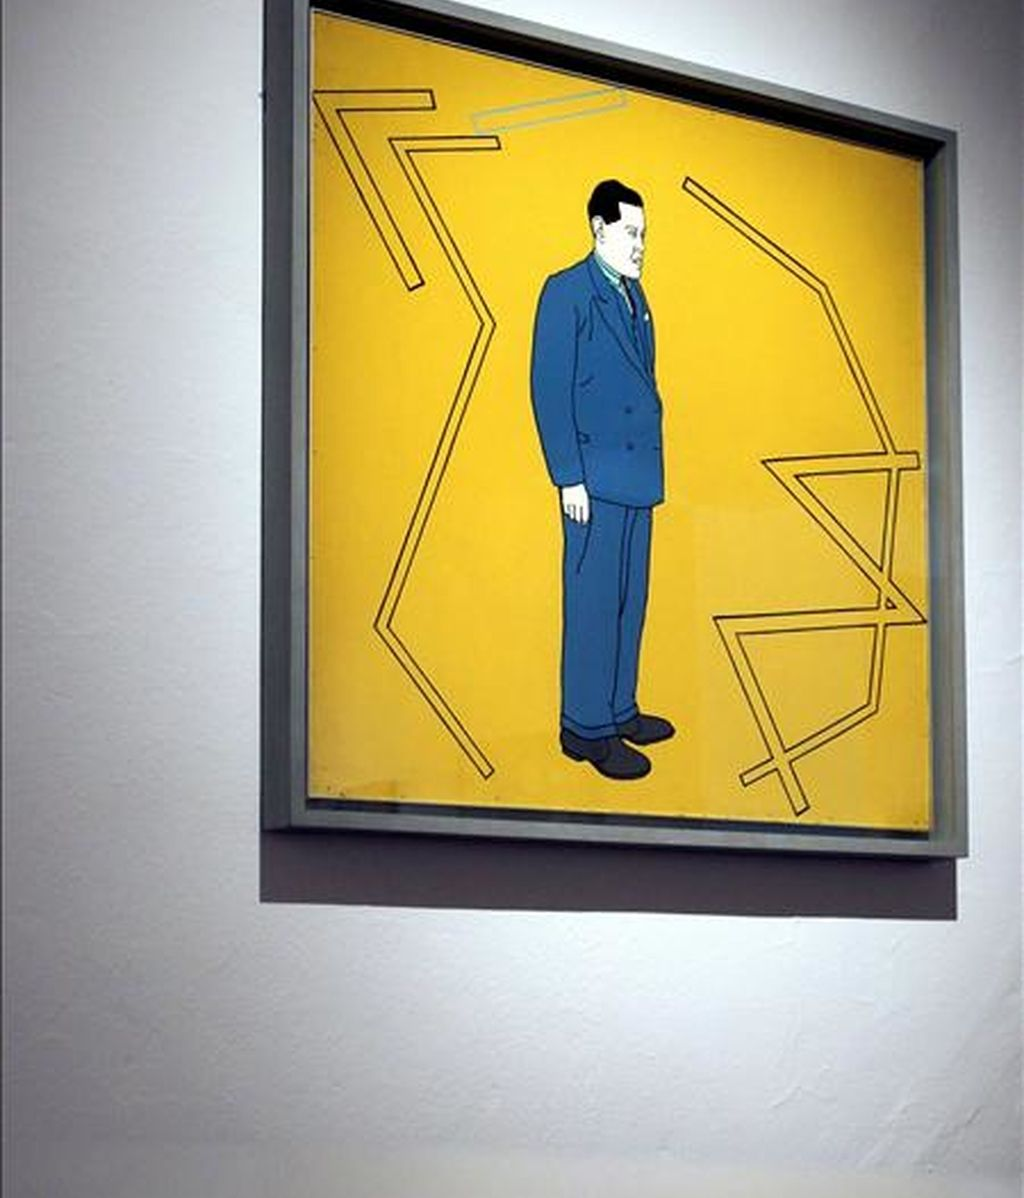 """Vista de la obra de Patrick Caulfield , """"Portrait of Juan Gris"""" (1963),que se muestra en la exposición """"Let us face the future"""", la mayor que se ha organizado nunca en España sobre el arte británico de posguerra (1945-1968), que se exhibe a partir de hoy en la Fundación Miro con obras de Henry Moore, Bacon, Hamilton, Freud o Anthony Caro, entre otros. EFE"""